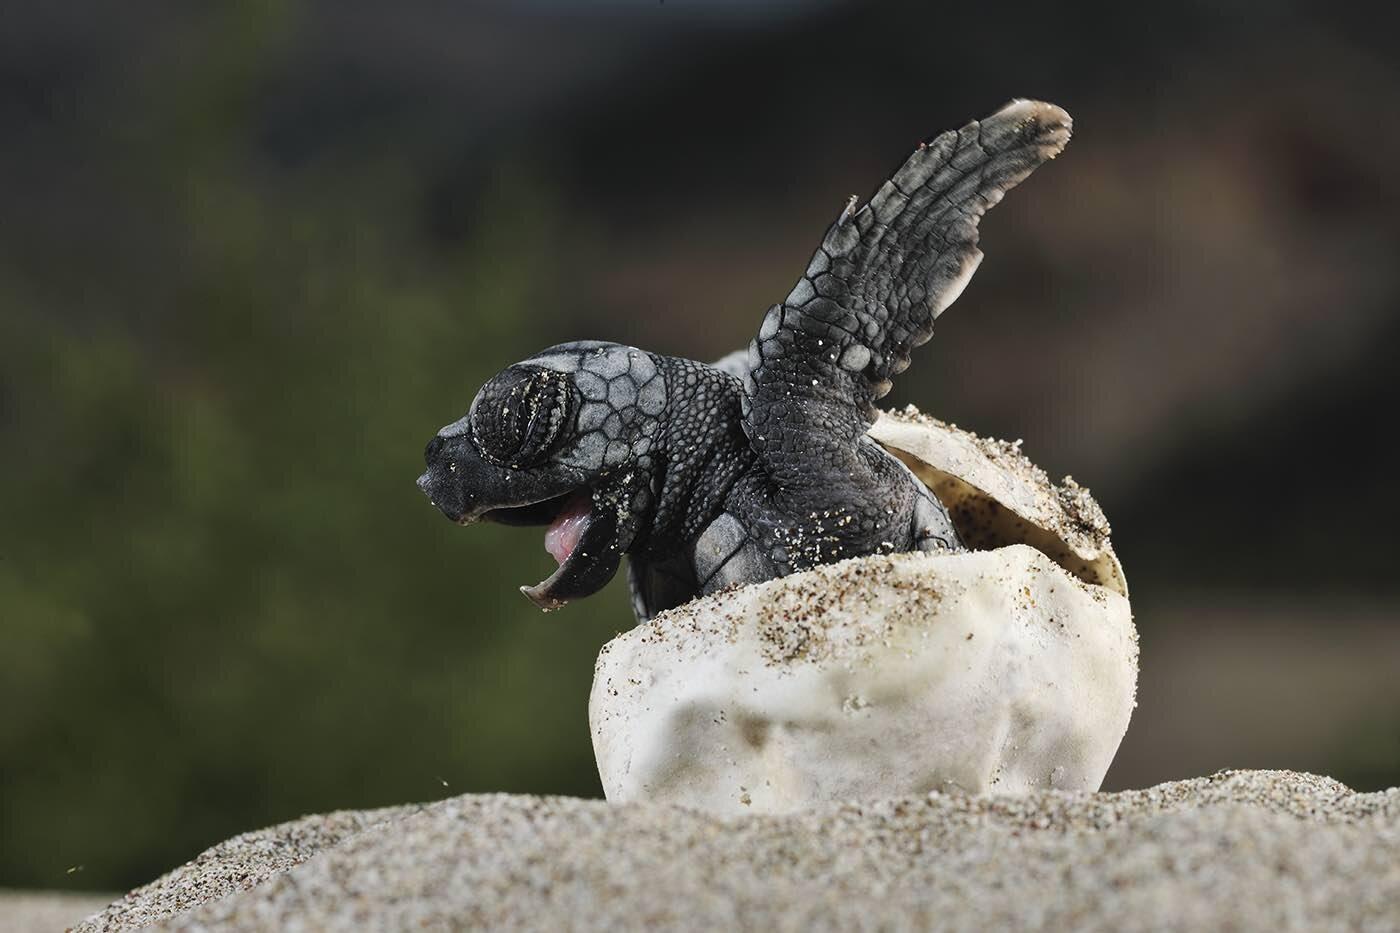 Ảnh rùa mới nở dễ thương nhất